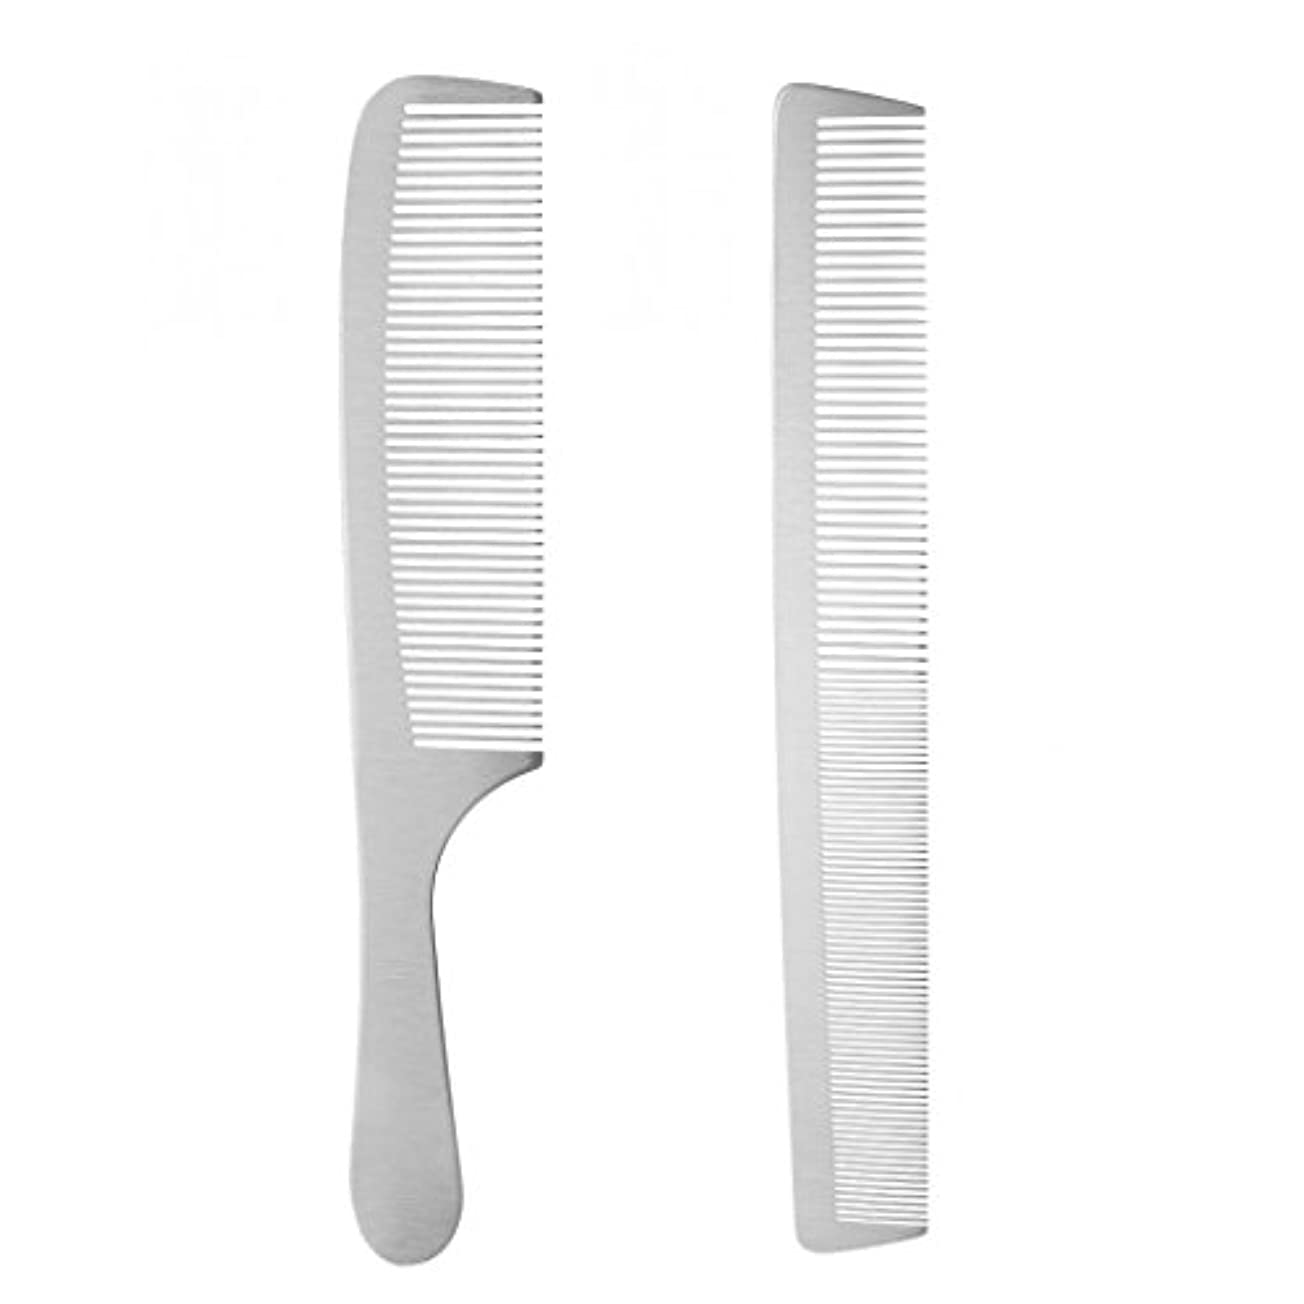 不良品フレームワークプレミアBaosity 2個 ヘアスタイリング ヘアカットコーム 櫛 ヘアブラシ ステンレス鋼 サロン 理髪師 カッティング 耐久性 耐熱性